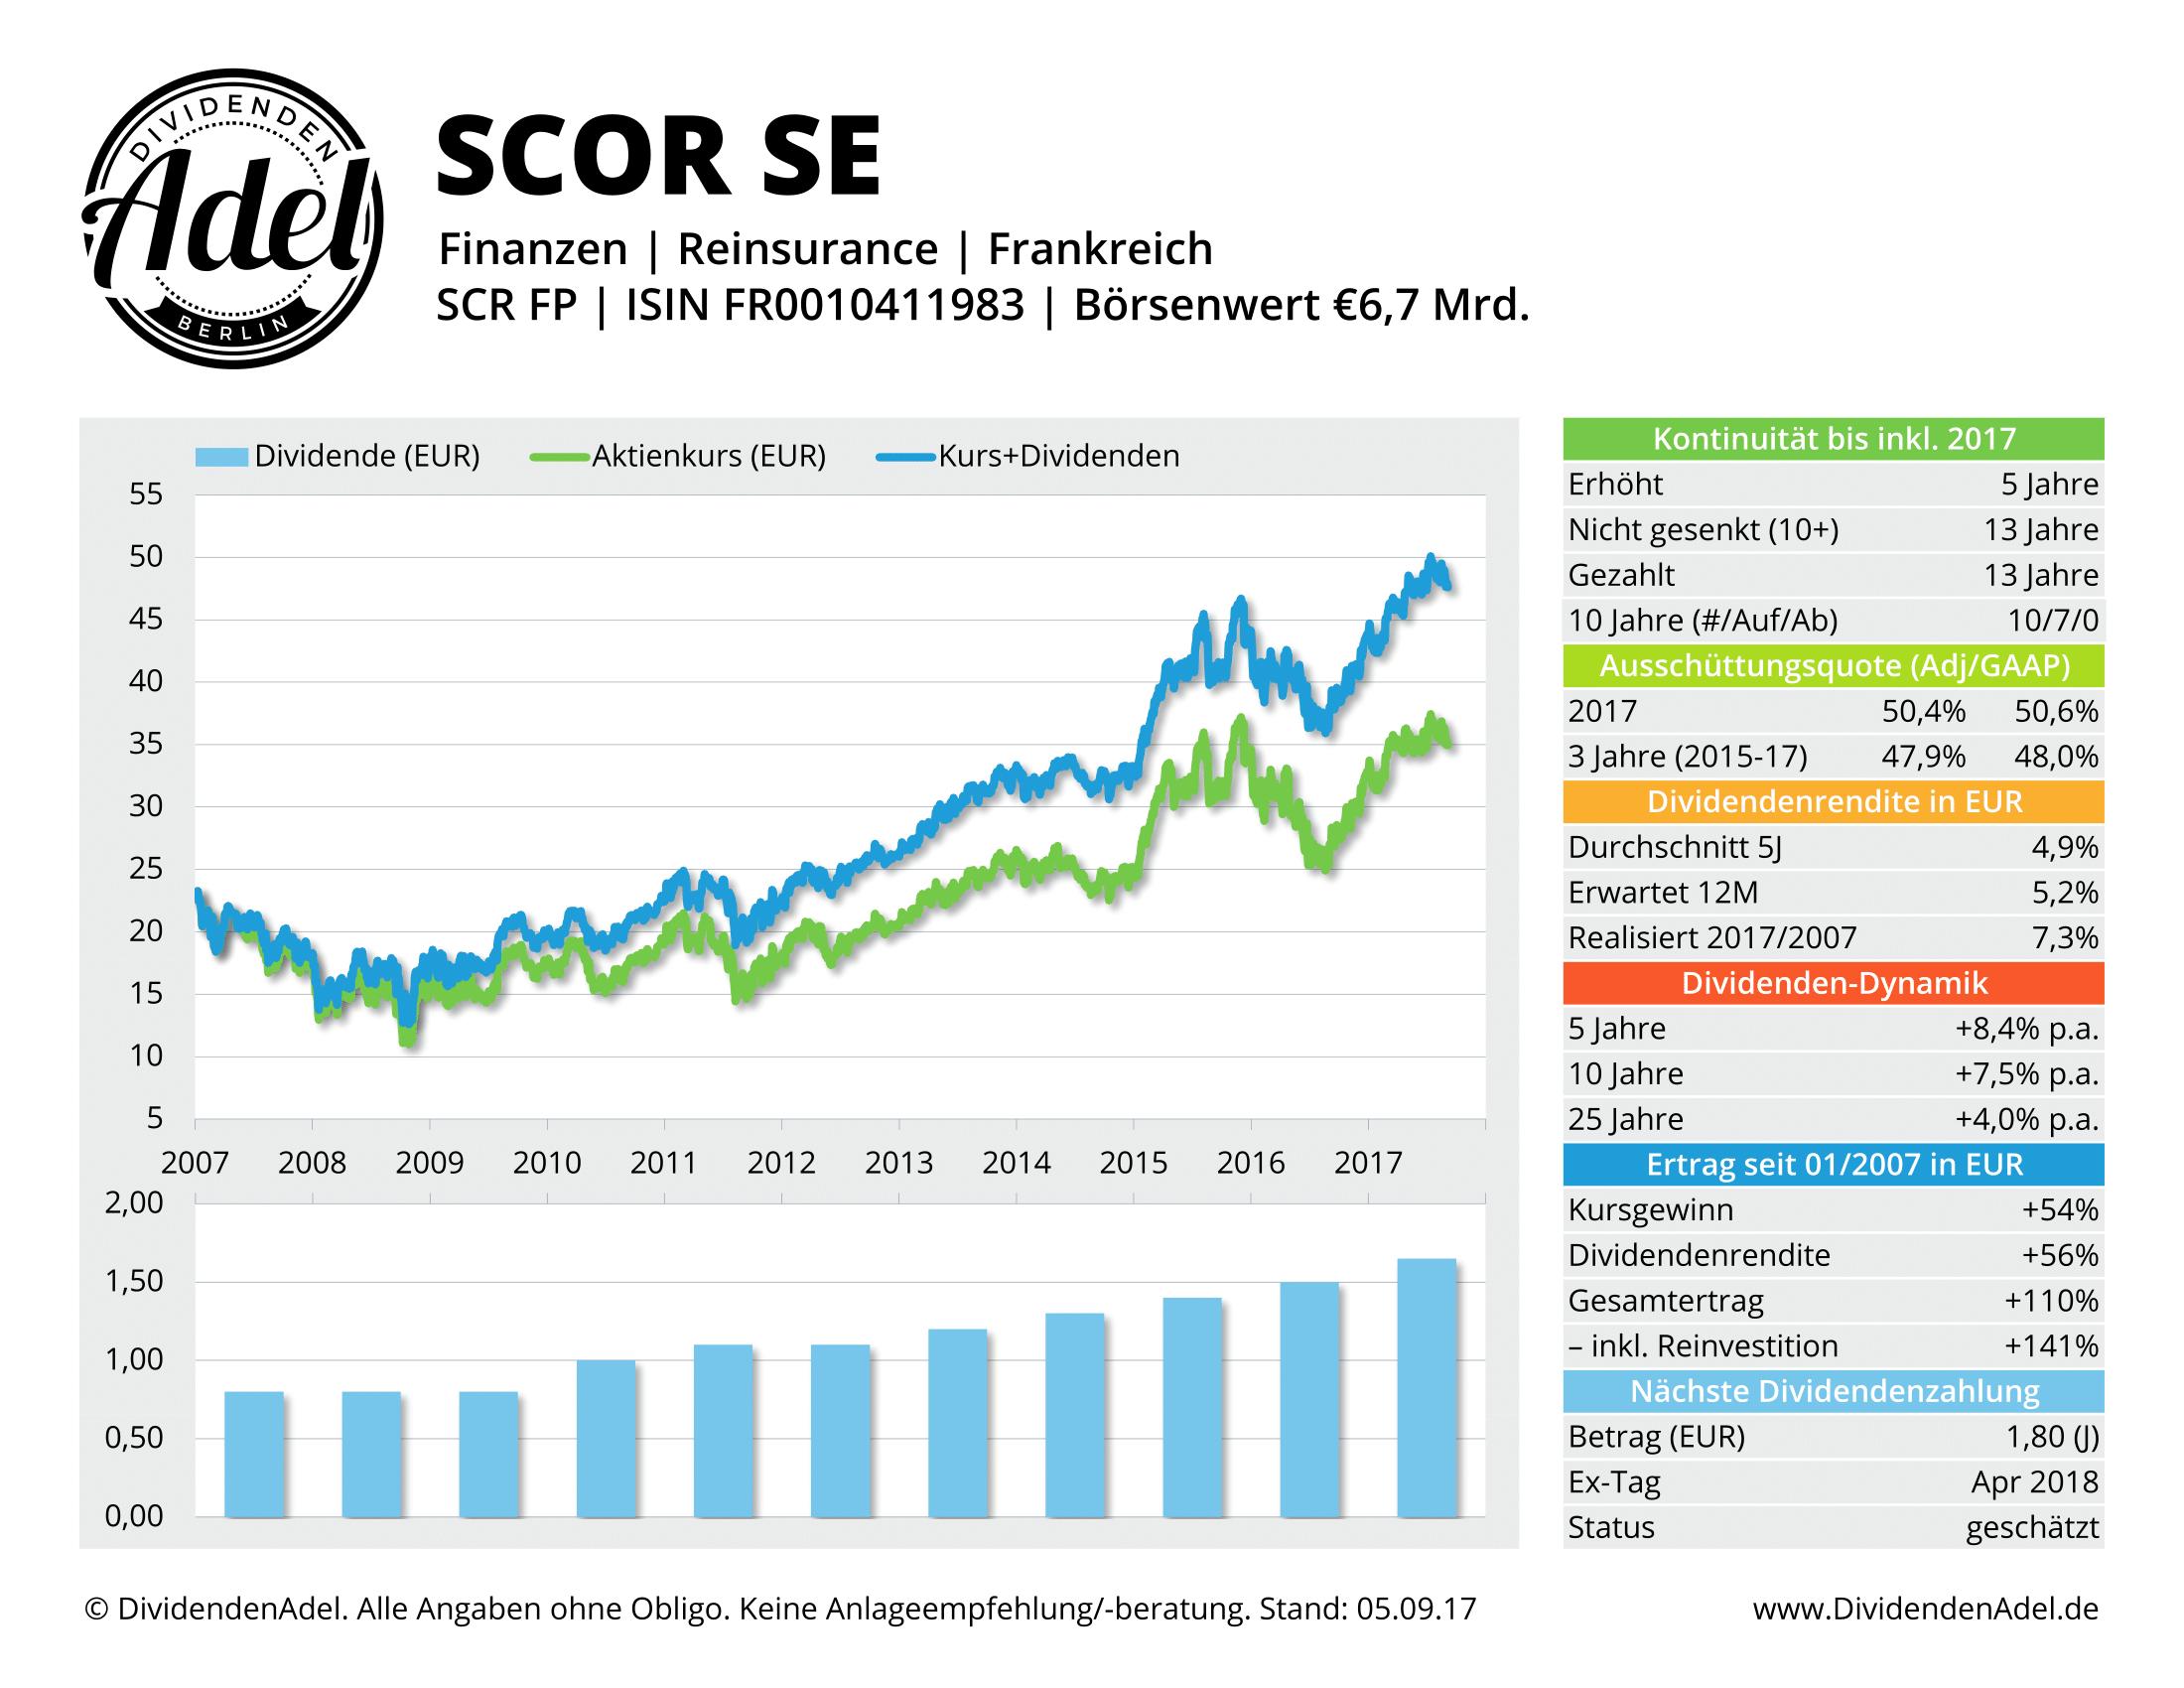 SCOR SE DividendenAdel-Profil